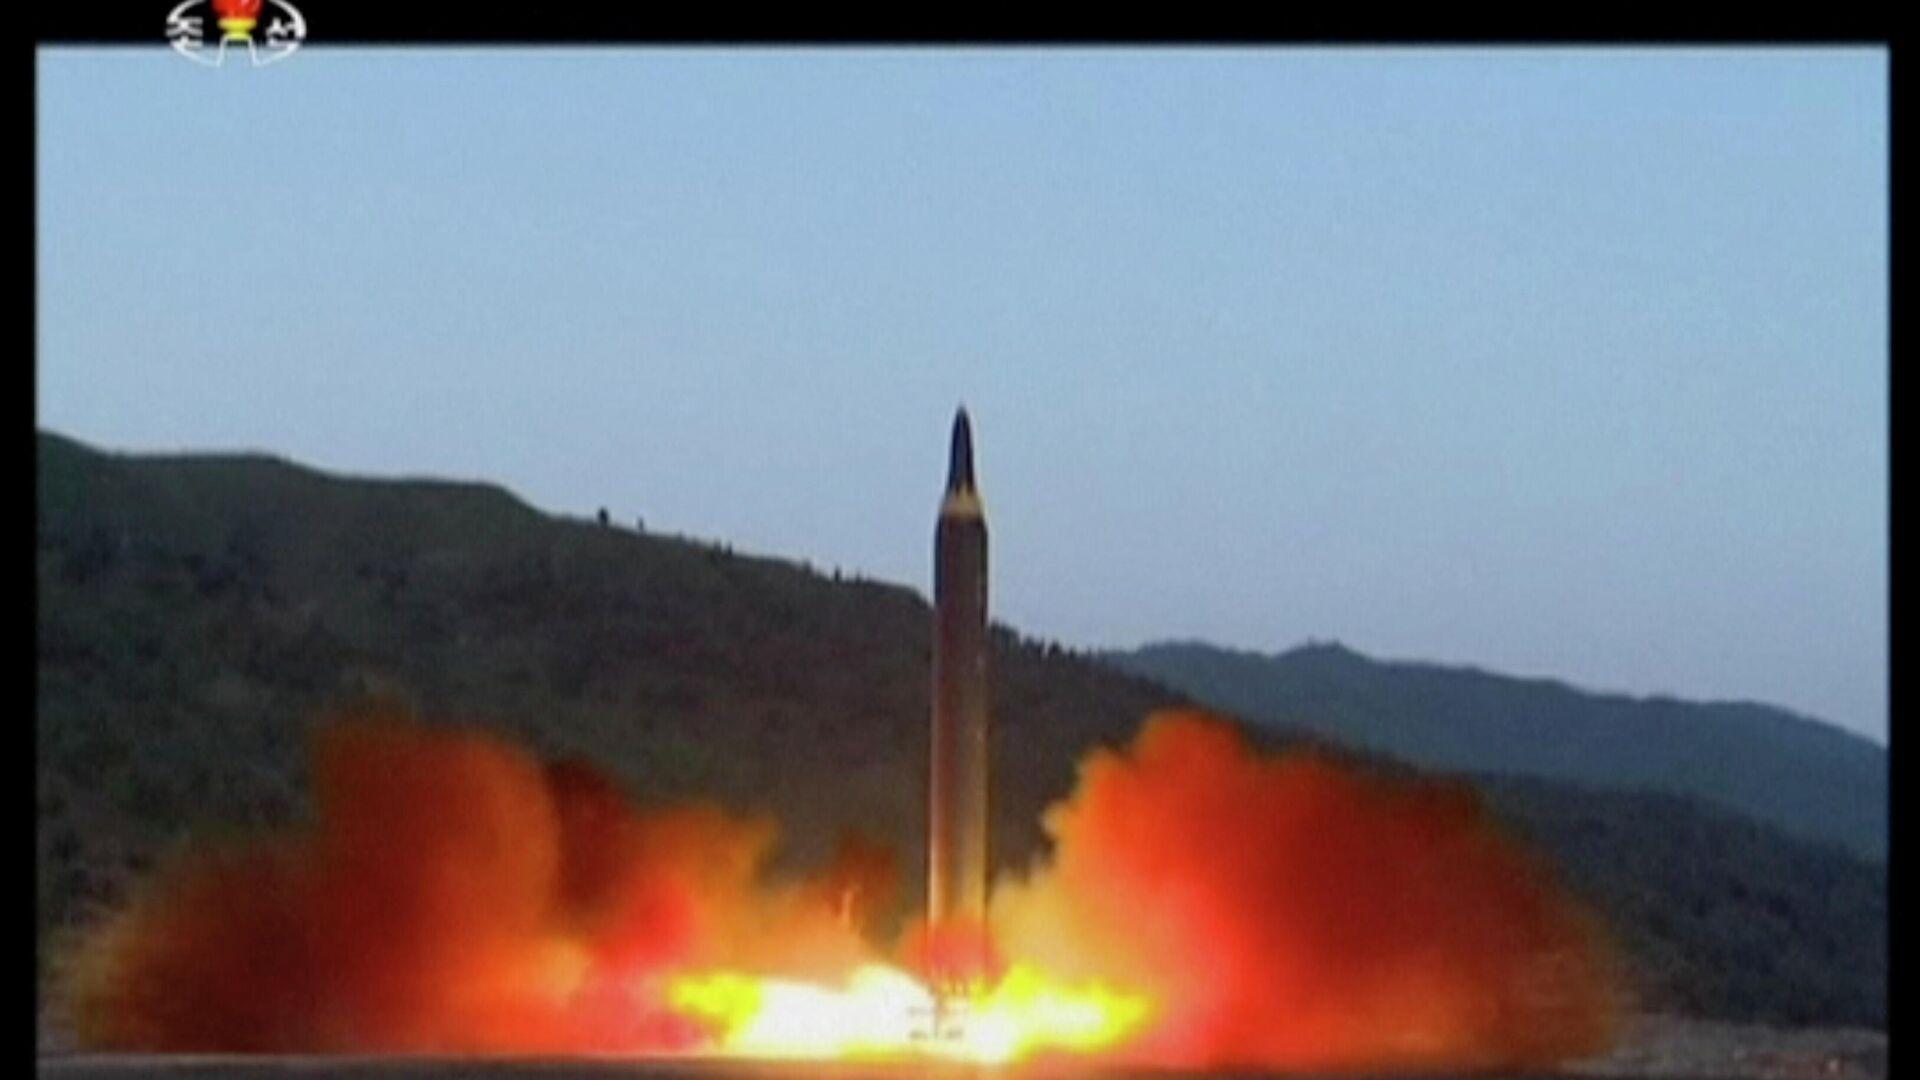 Η Βόρεια Κορέα Προχώρησε σε δοκιμαστικές εκτοξεύσεις πυραύλων κρουζ μεγάλου βεληνεκούς - Sputnik Ελλάδα, 1920, 13.09.2021